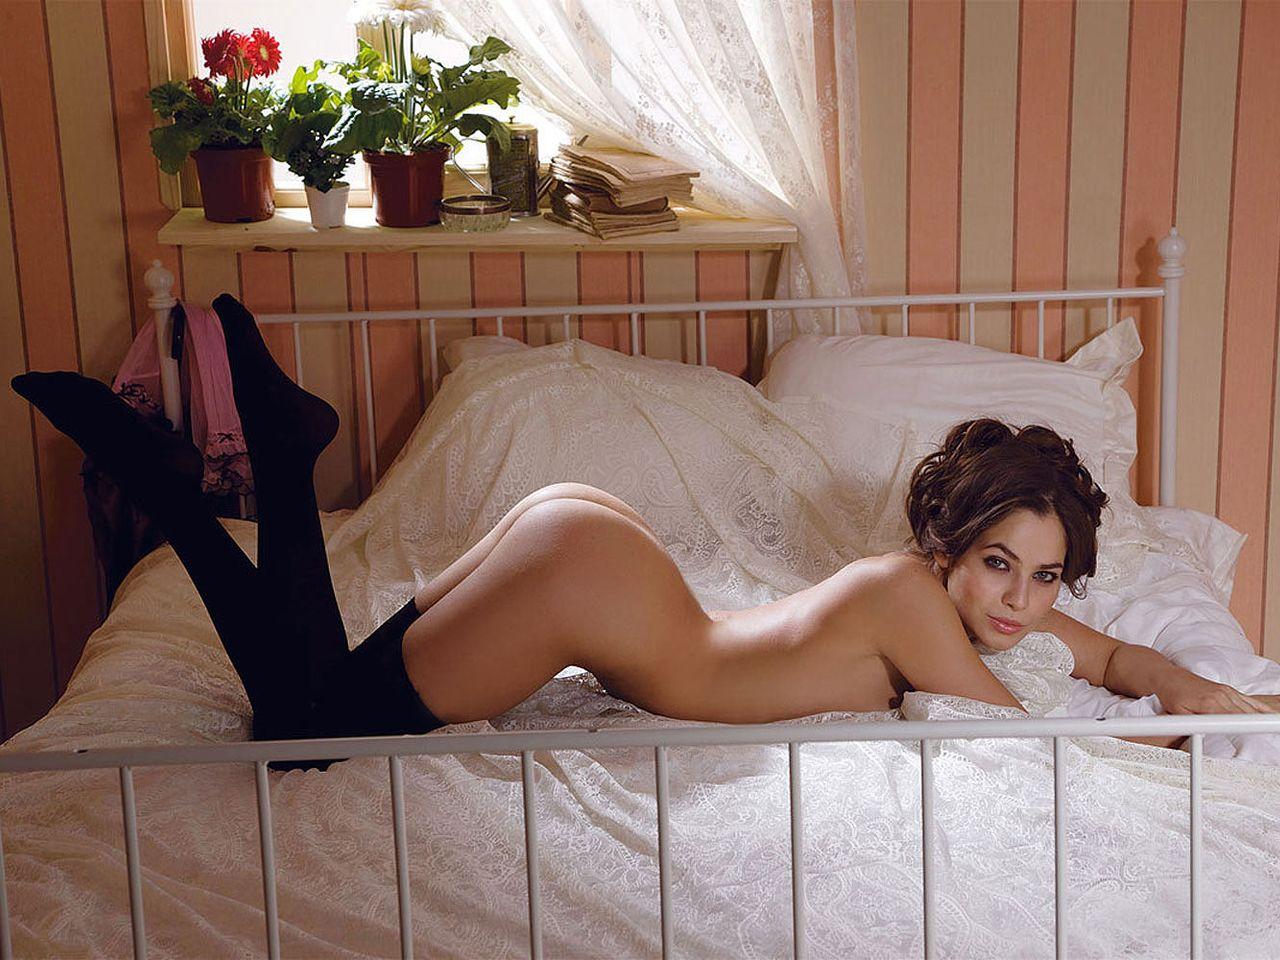 Юлия снигирь голая 26 фотография